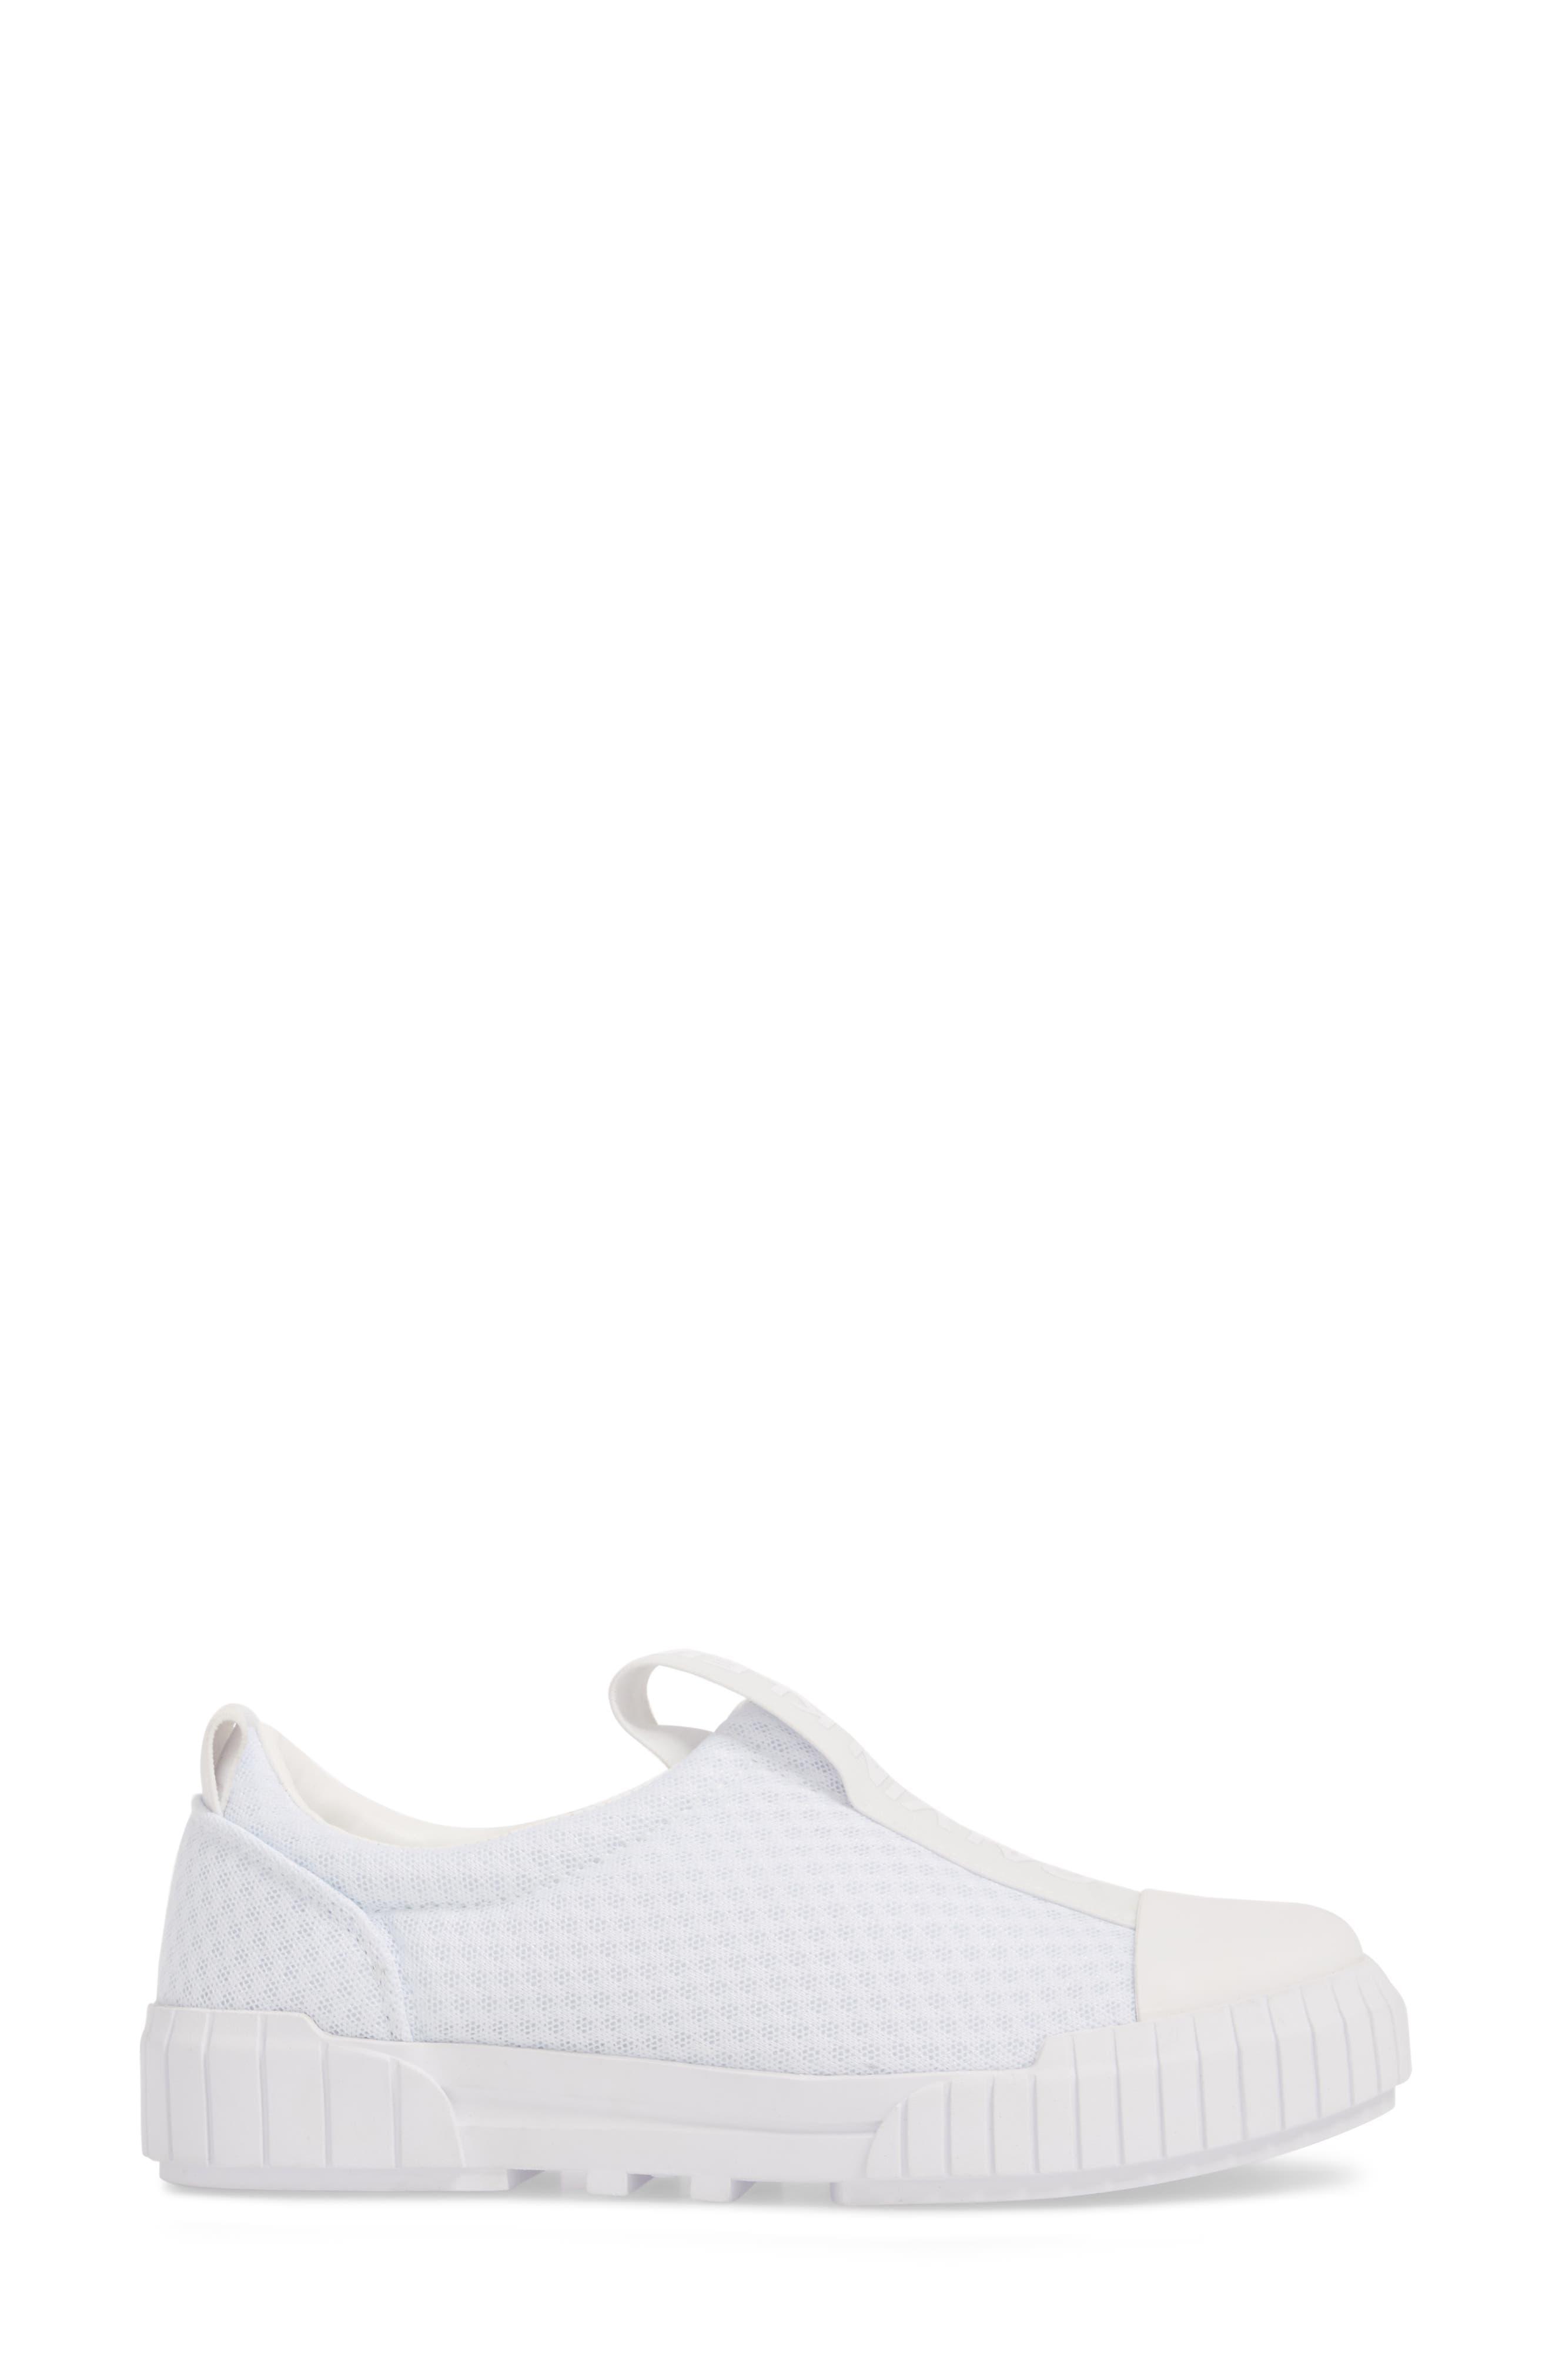 Bamina Slip-On Sneaker,                             Alternate thumbnail 3, color,                             WHITE